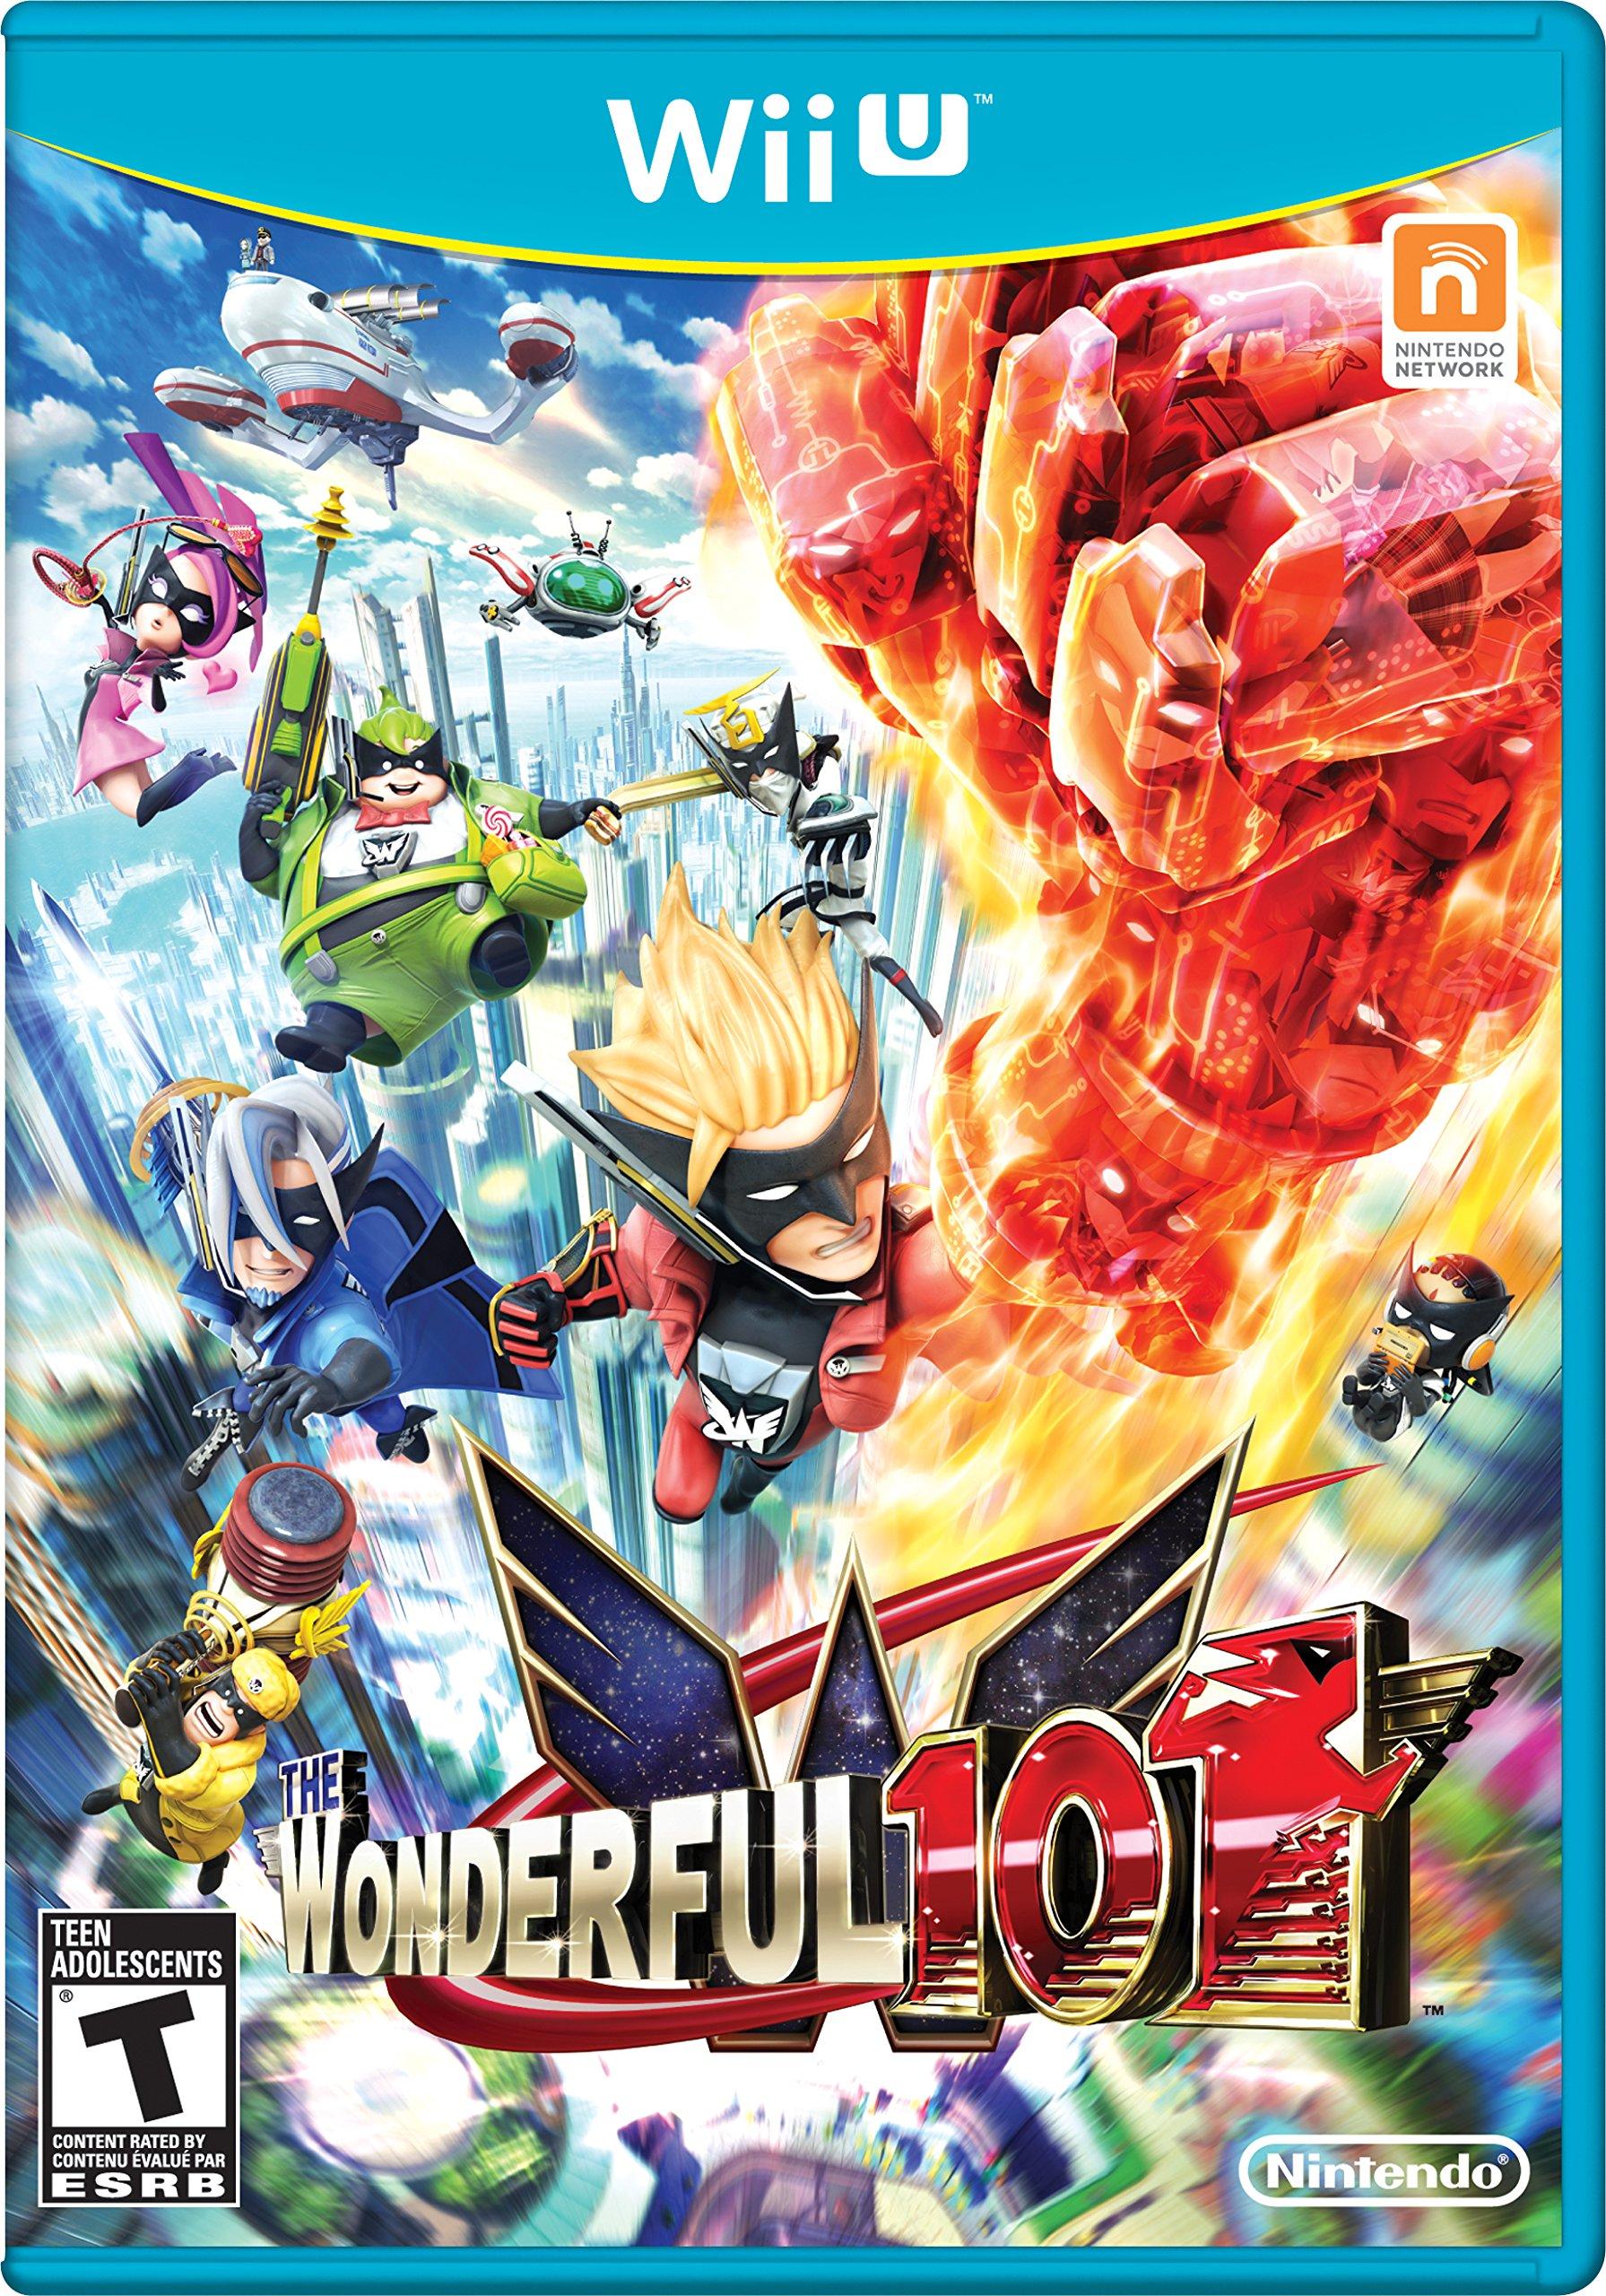 The Wonderful 101 - Wii U [Digital Code]